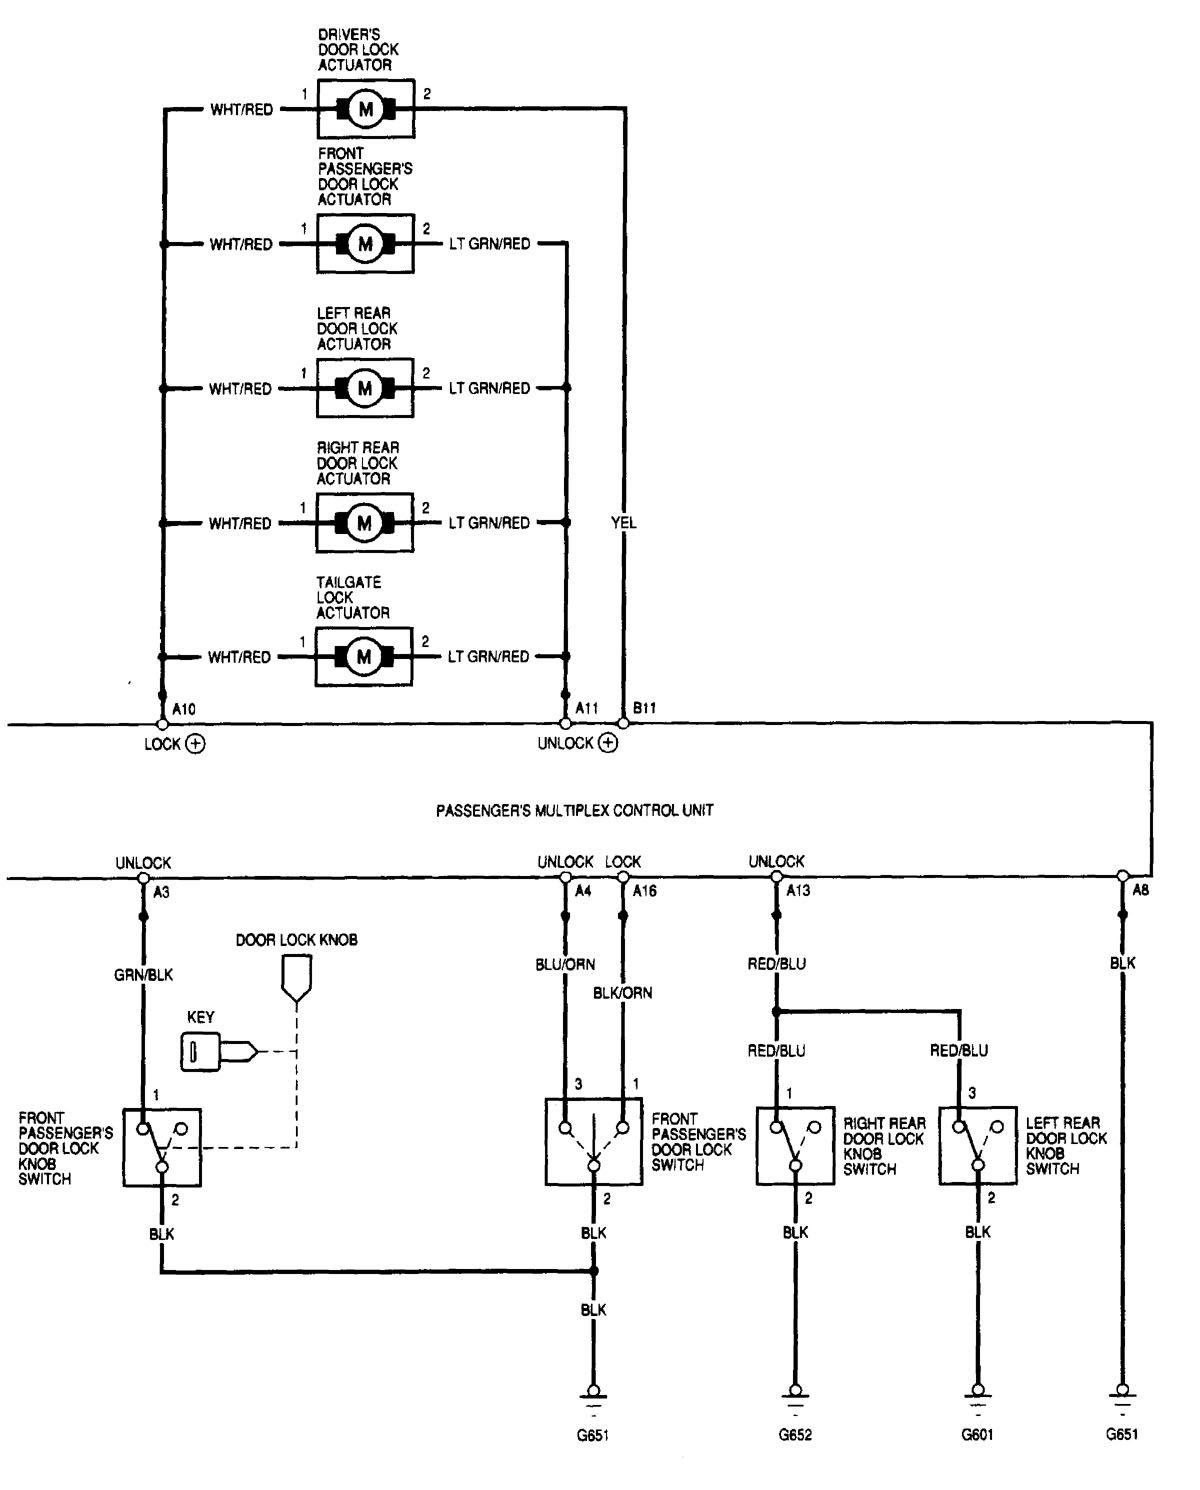 Silverado Pnp Wiring Diagram